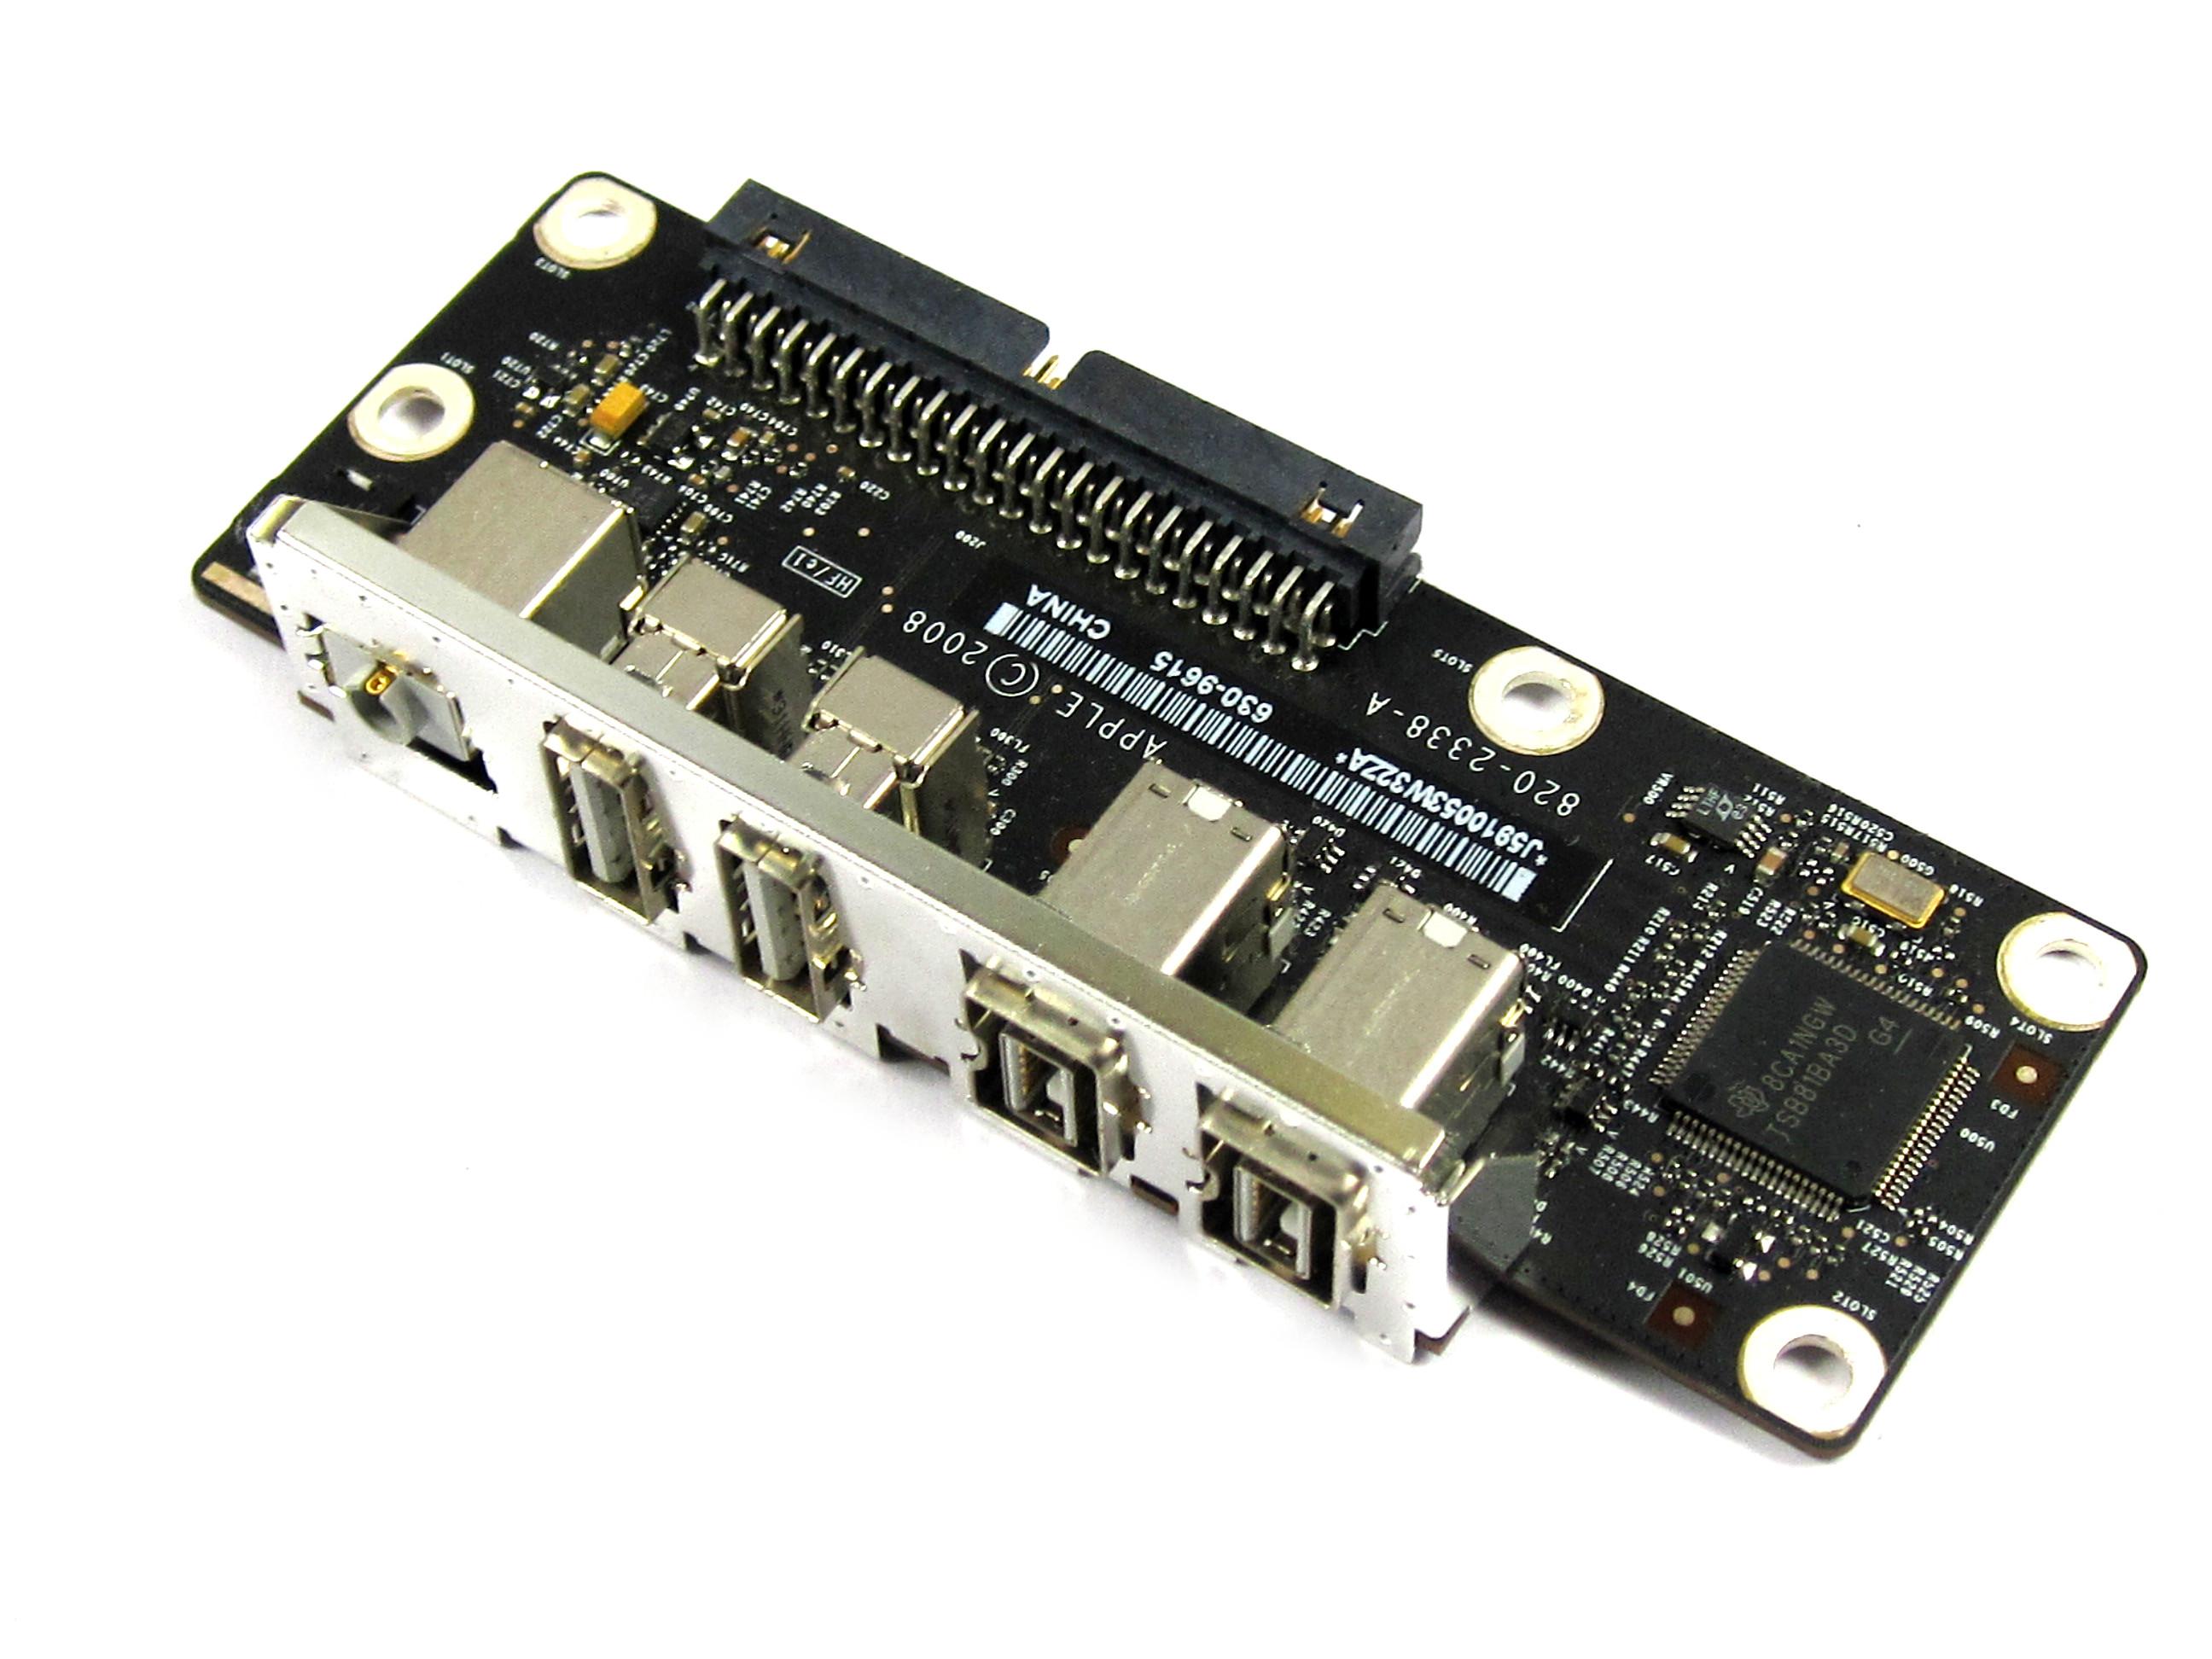 630-9615 EEE:32Z Apple Front Panel Board /f Mac Pro E09/M10/M12 A1289 EMC2314